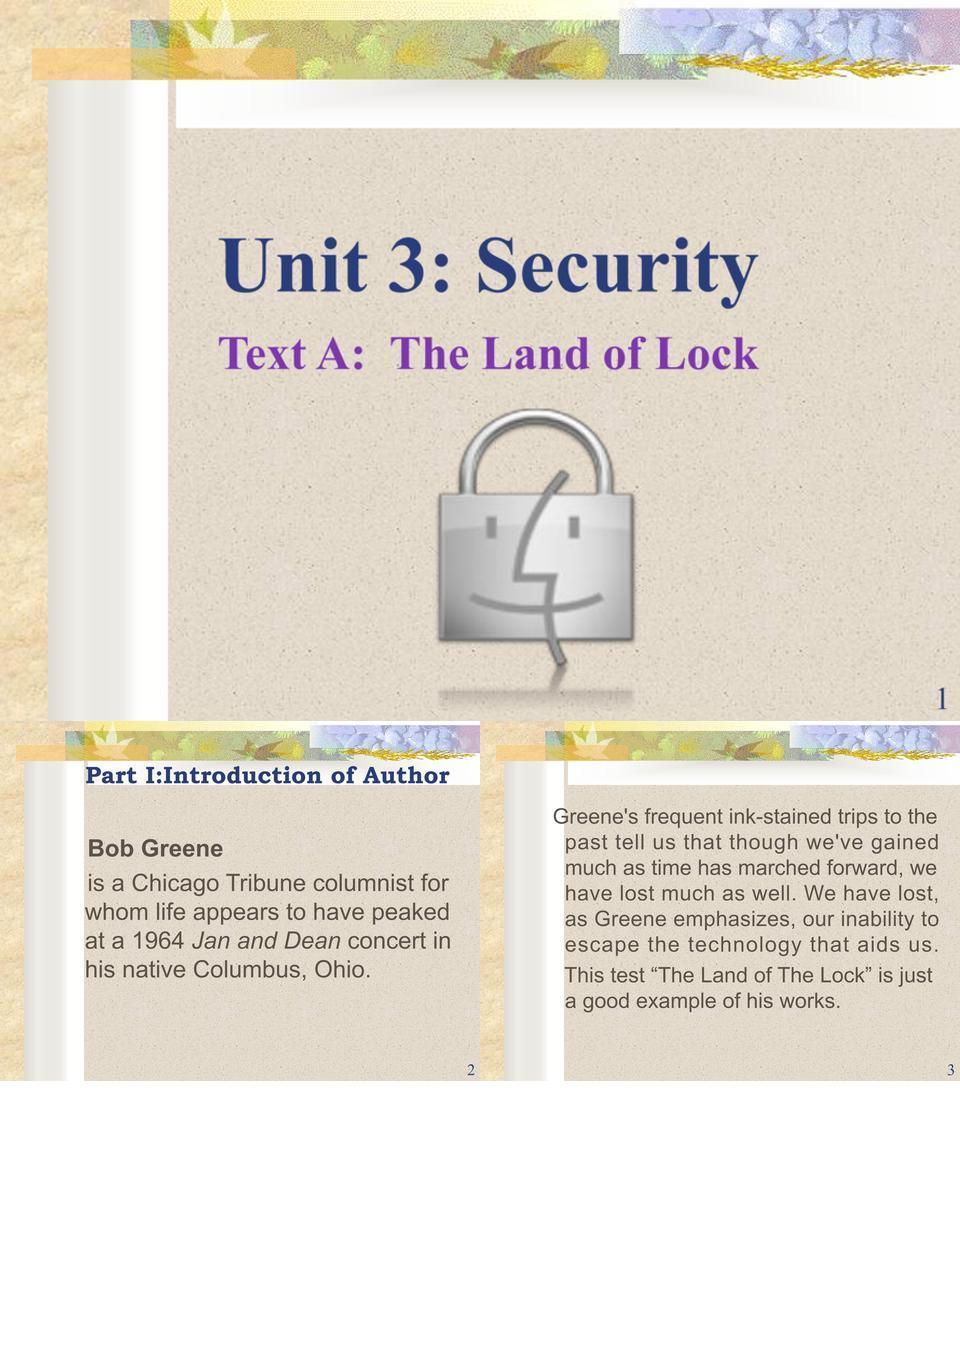 大学英语综合教程第三册_Unit3课件.ppt